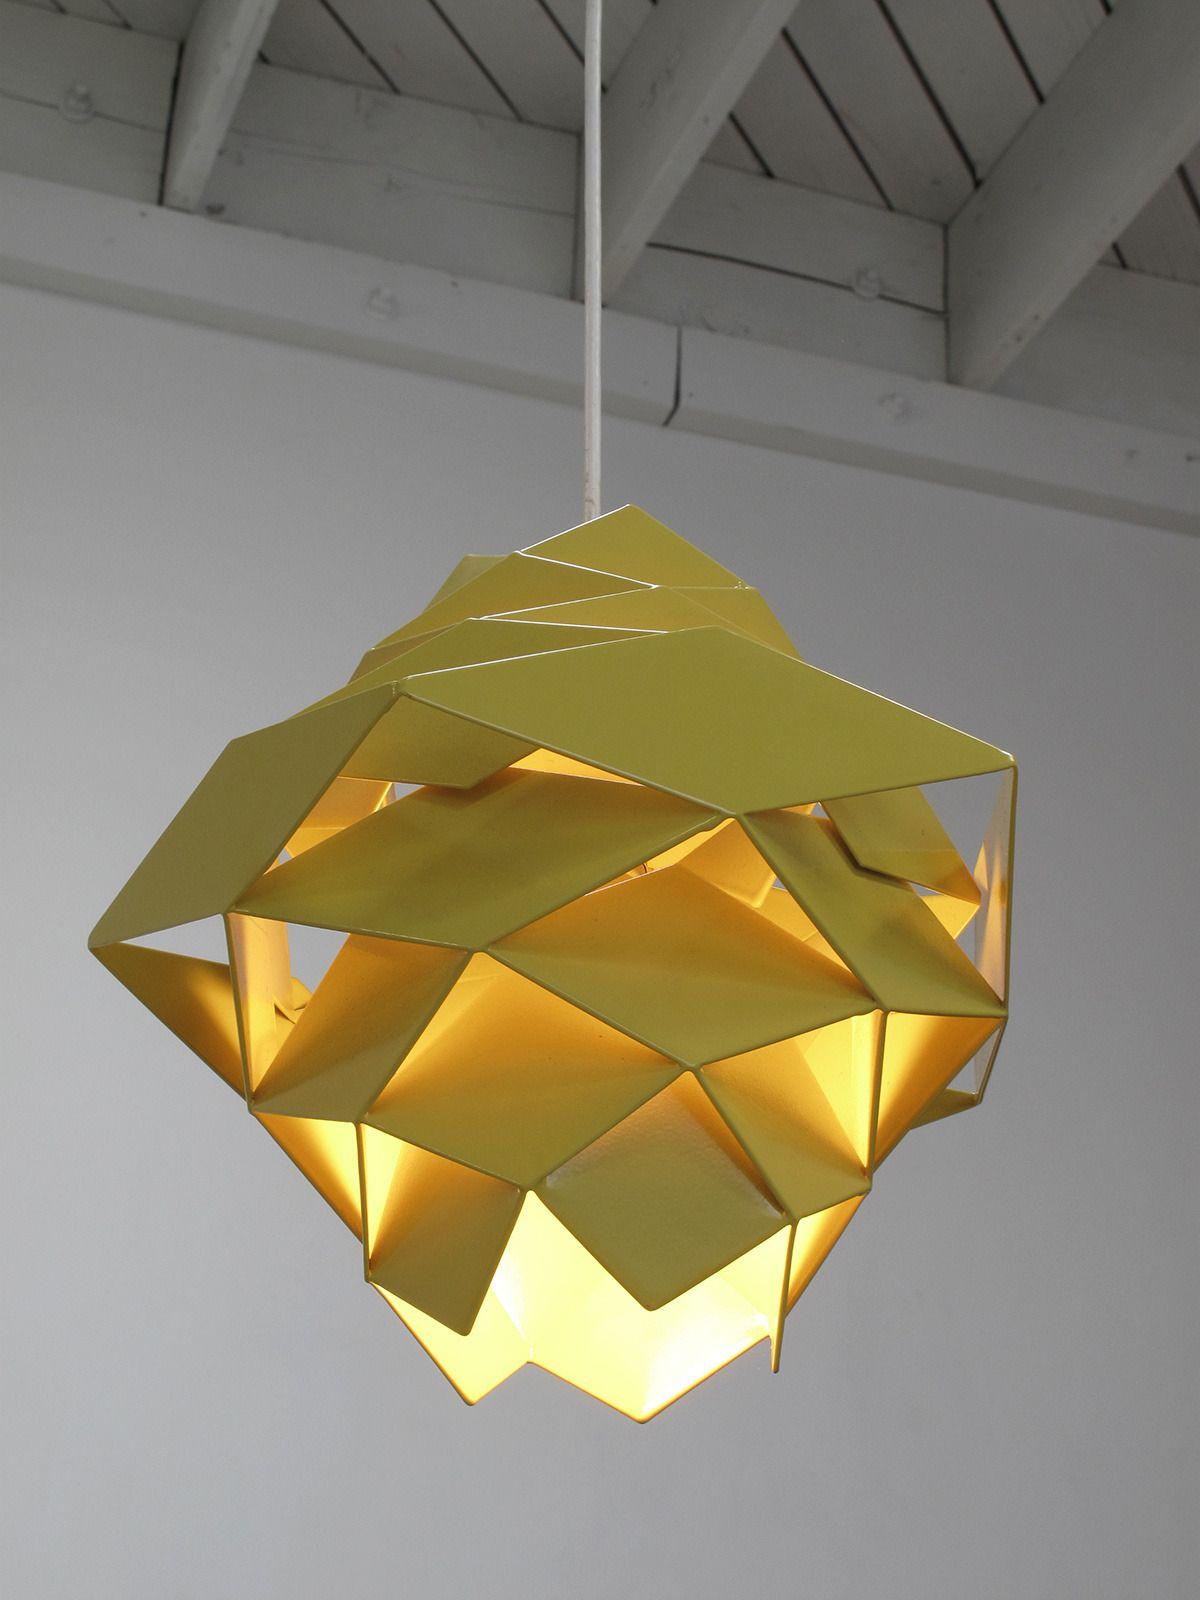 570df8b4364973b3fccfff5d6e56f8d4 Résultat Supérieur 60 Luxe Lampe Decorative Stock 2018 Ldkt